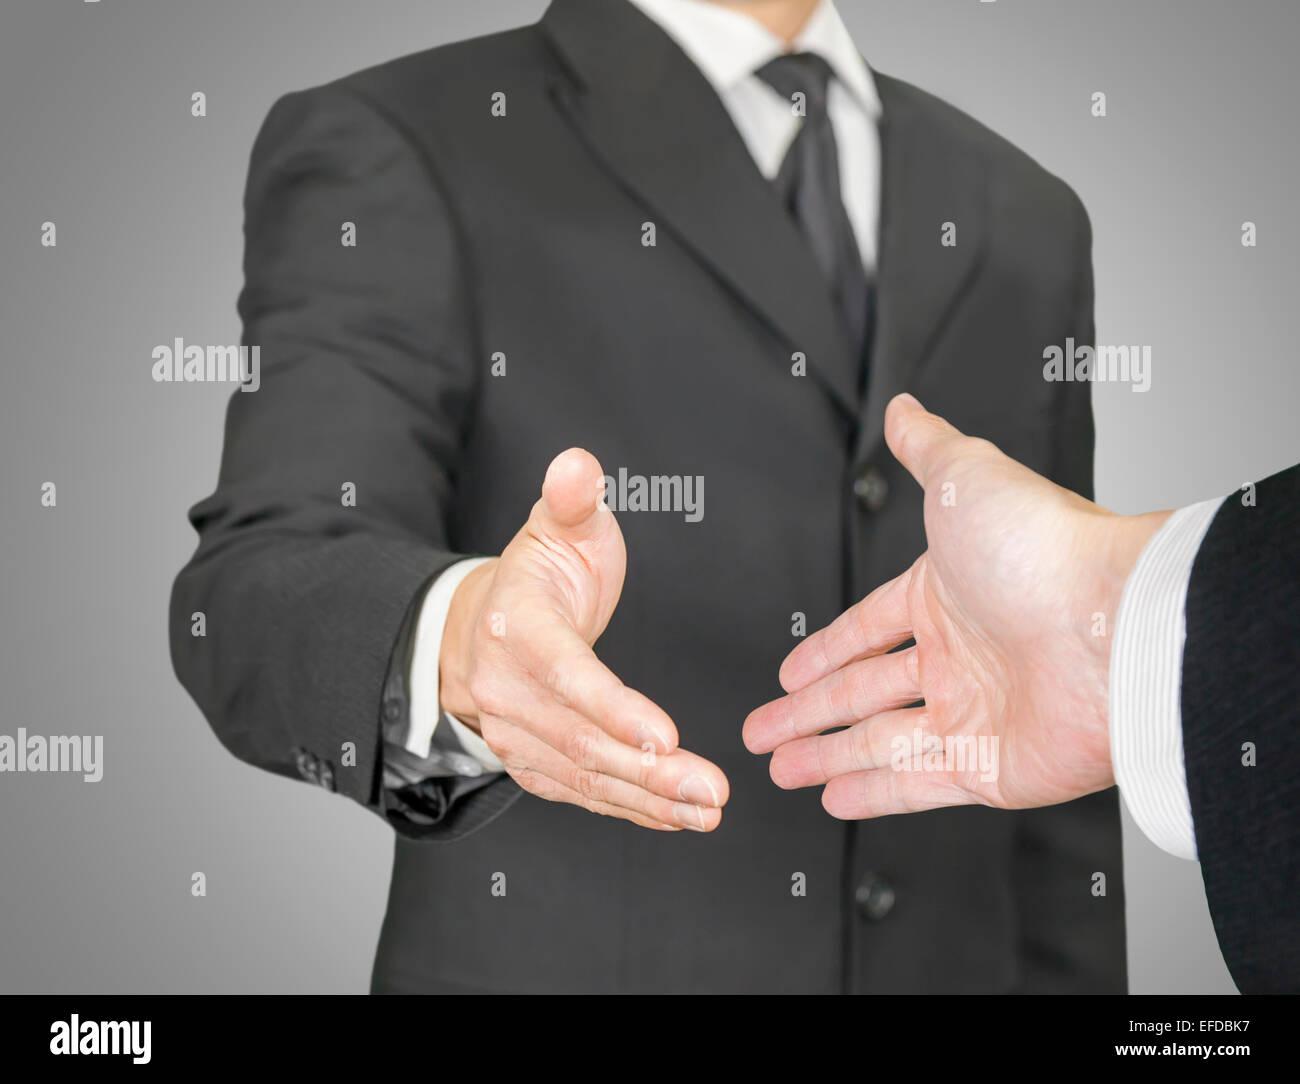 Business handshake, point de vue composition Photo Stock